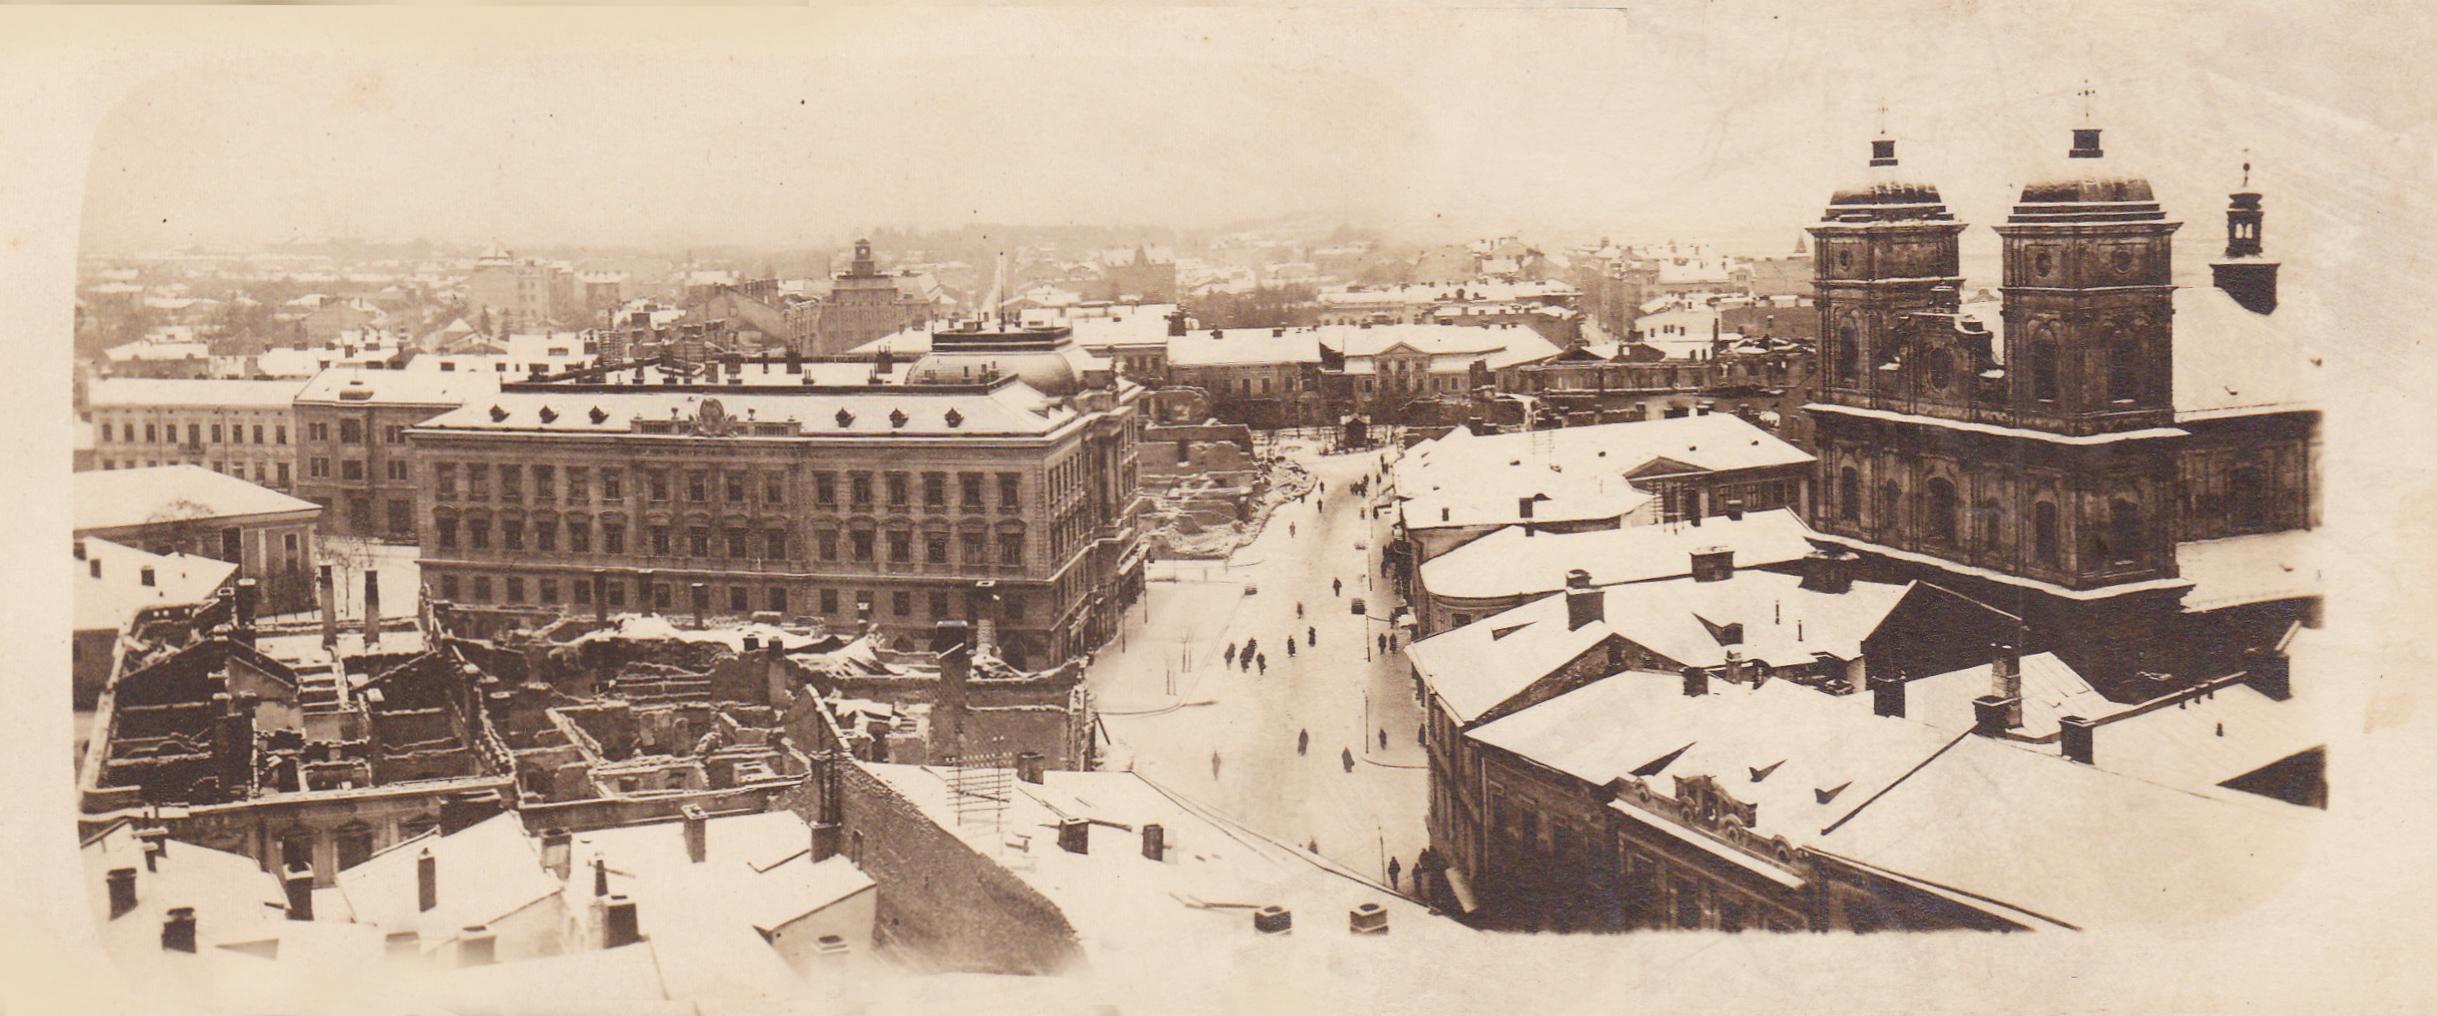 Напевно, фотографи, що співпрацювали зі станиславівськими видавцями поштівок, були занадто теплолюбові, і в холоди воліли сидіти вдома. Інакше як пояснити майже повну відсутність листівок із краєвидами зимового міста? На австрійських і польських картках майже завжди літо чи весна, і лише епізодично вкрапляється осінь.